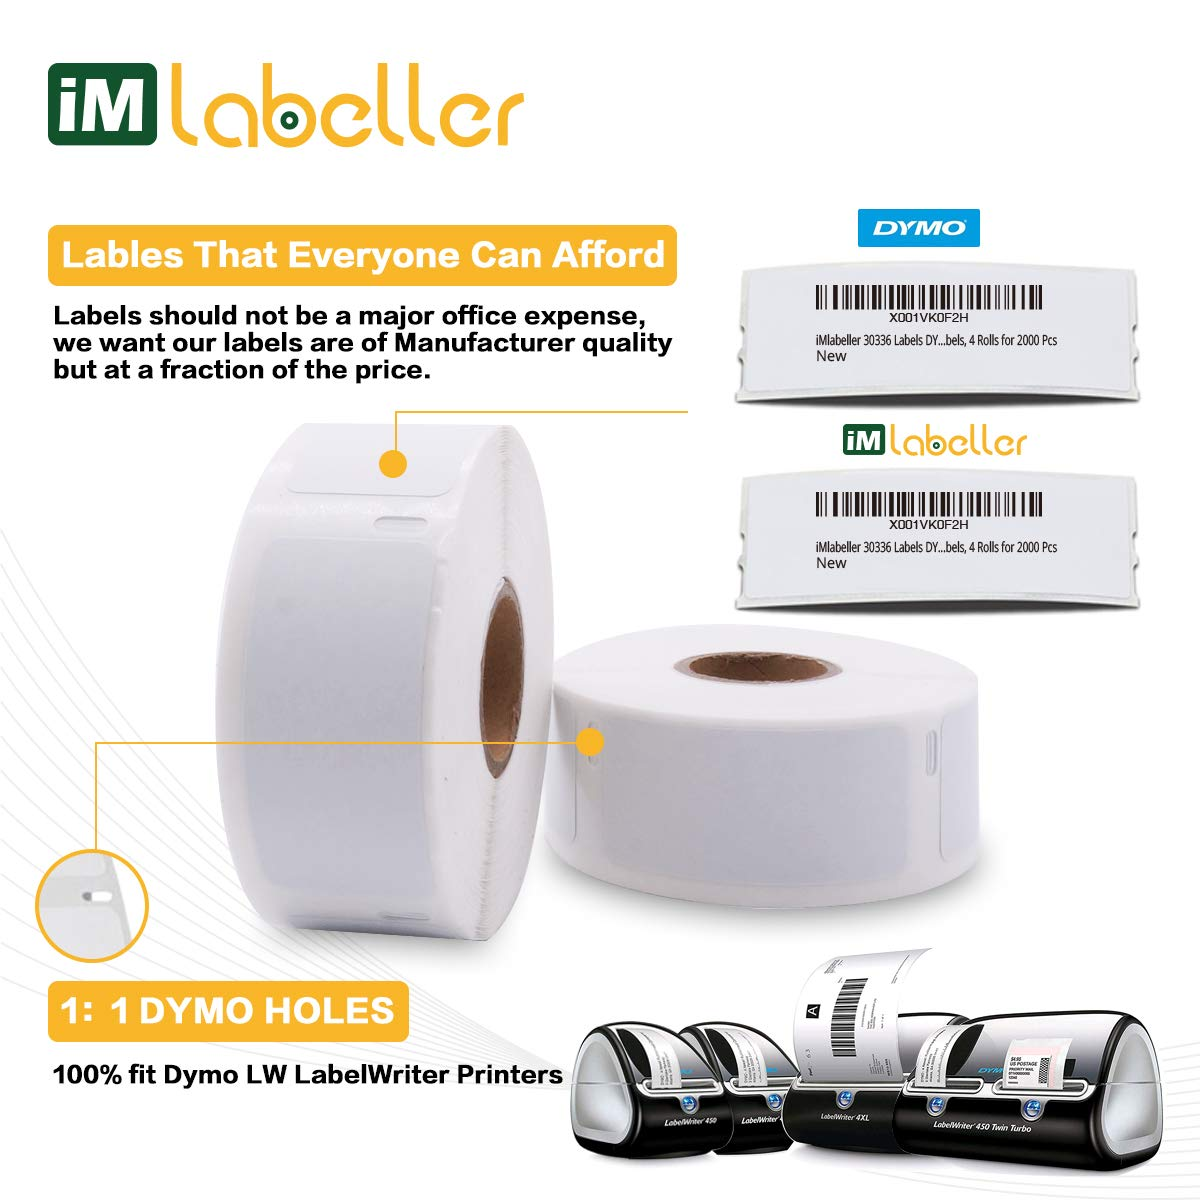 iMlabeller 30336 Labels DYMO Multipurpose Address Barcode